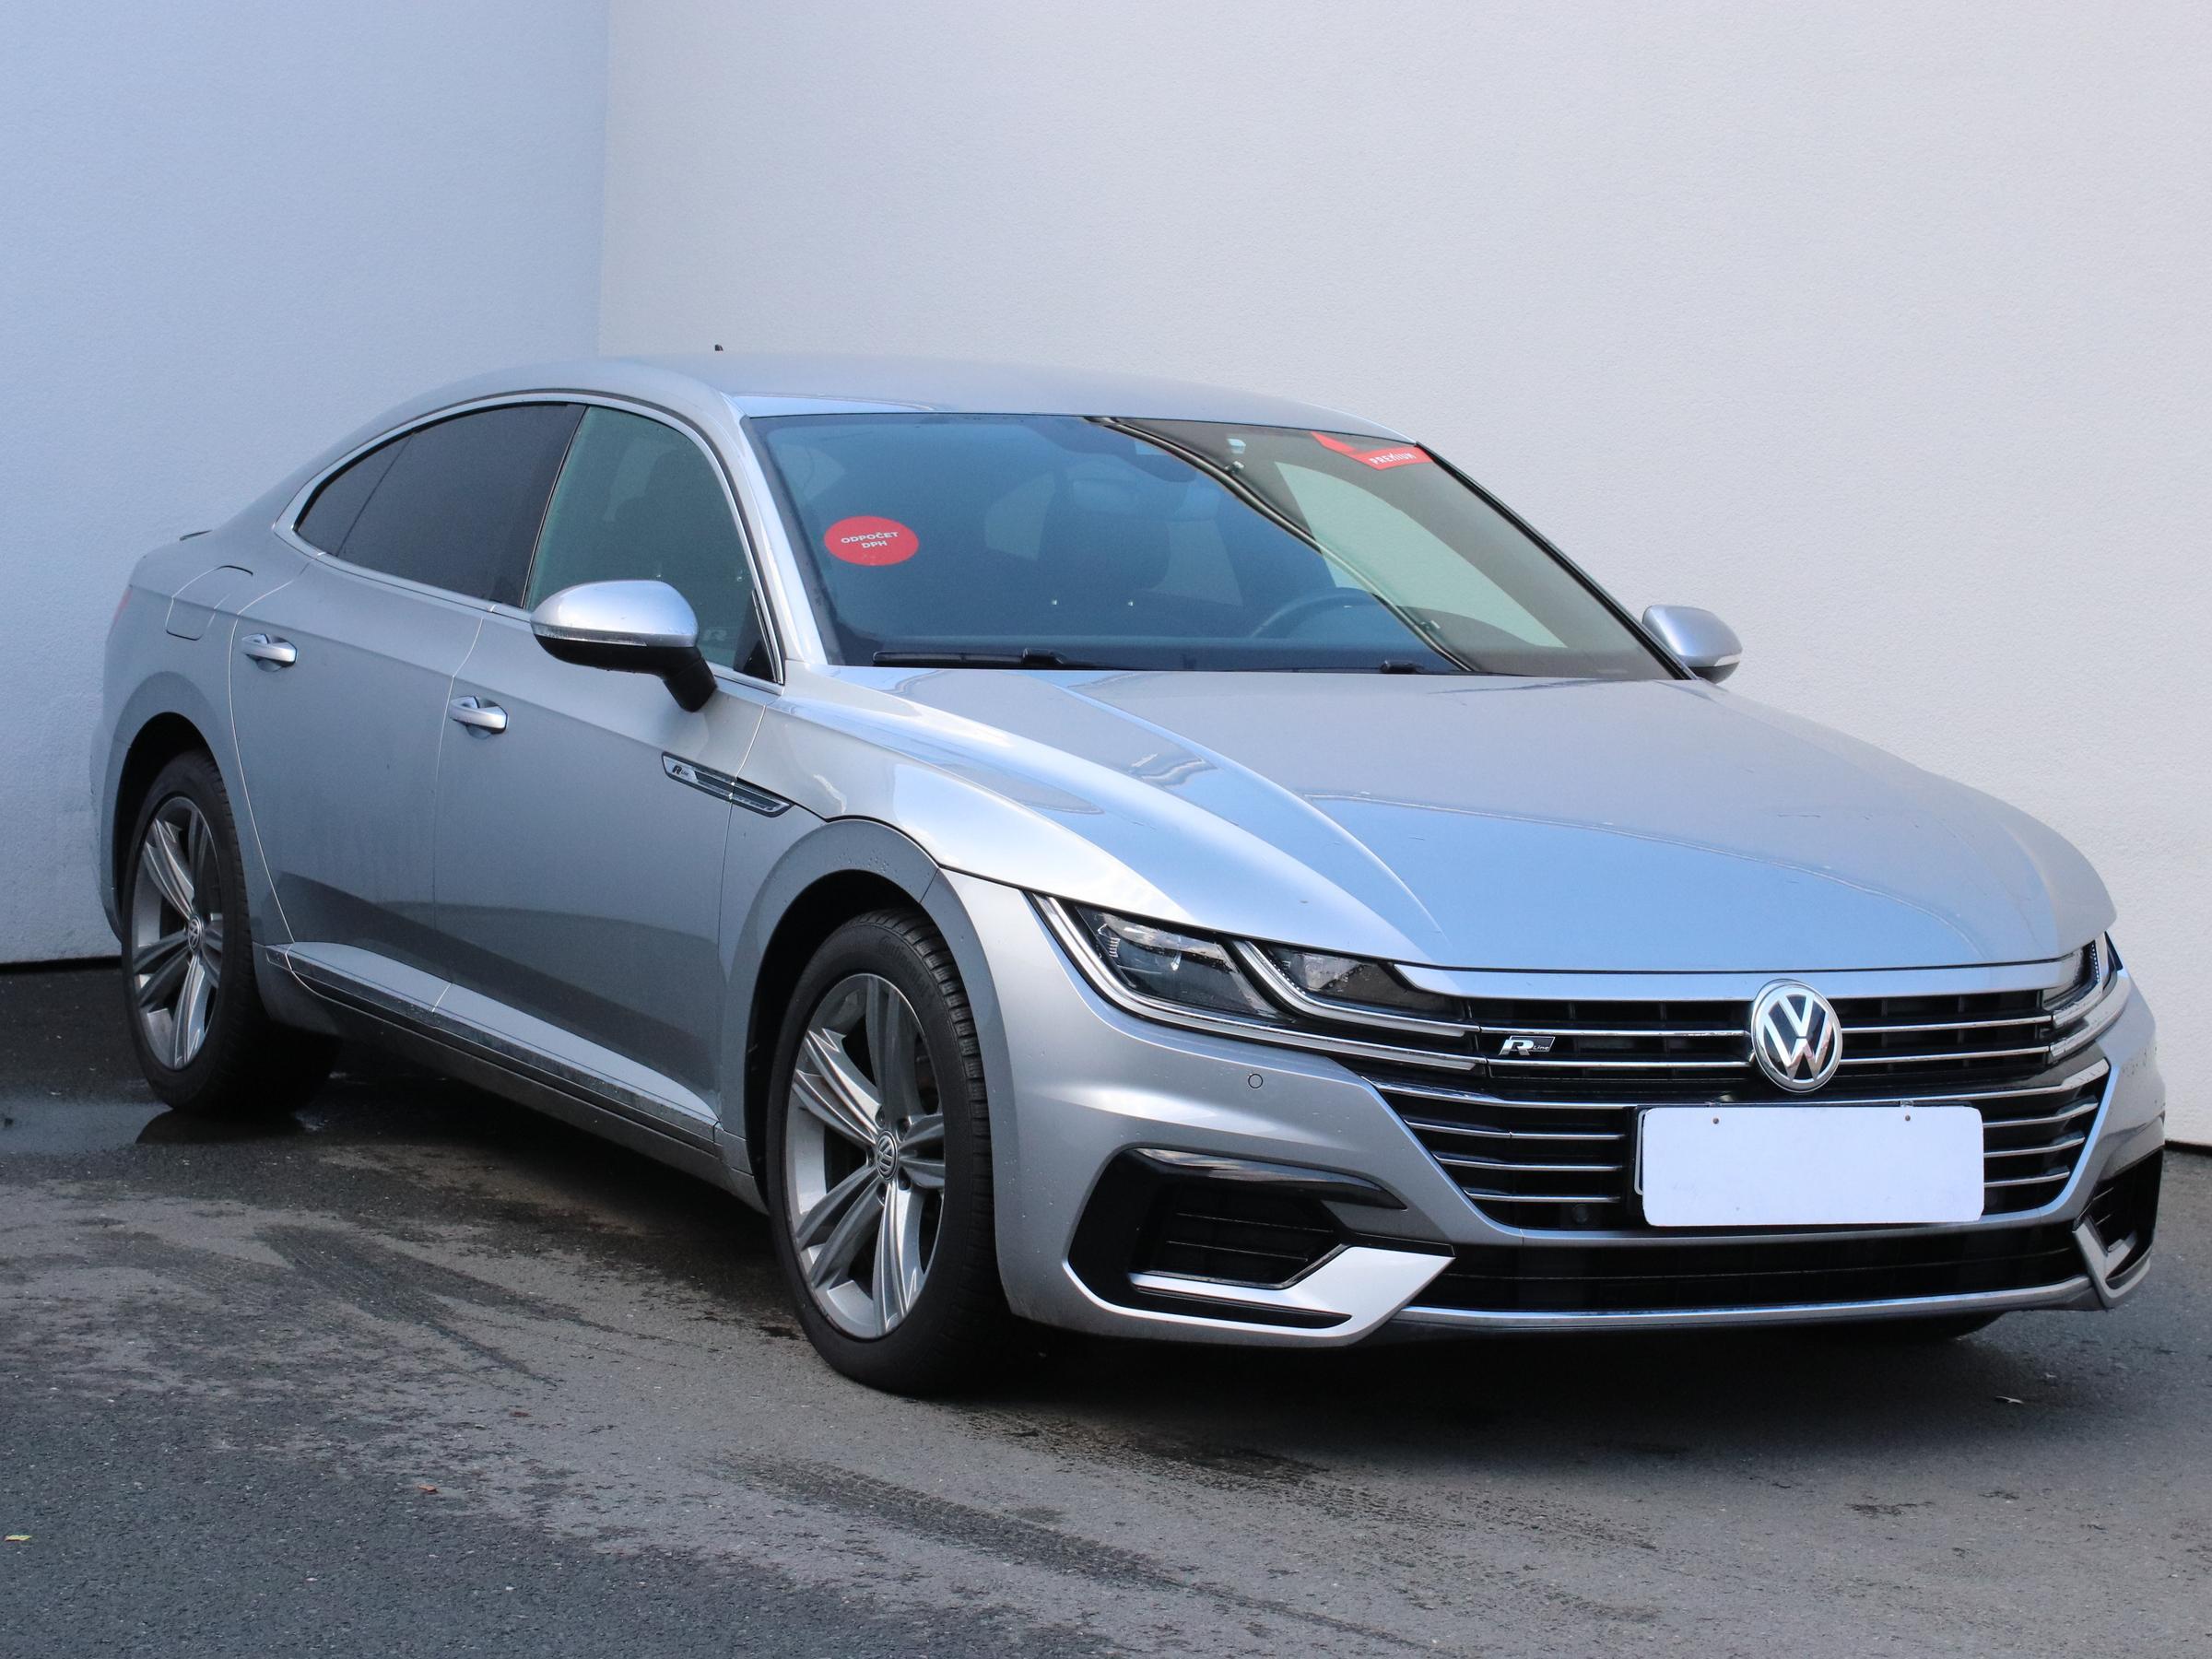 Volkswagen Arteon 2.0TDi